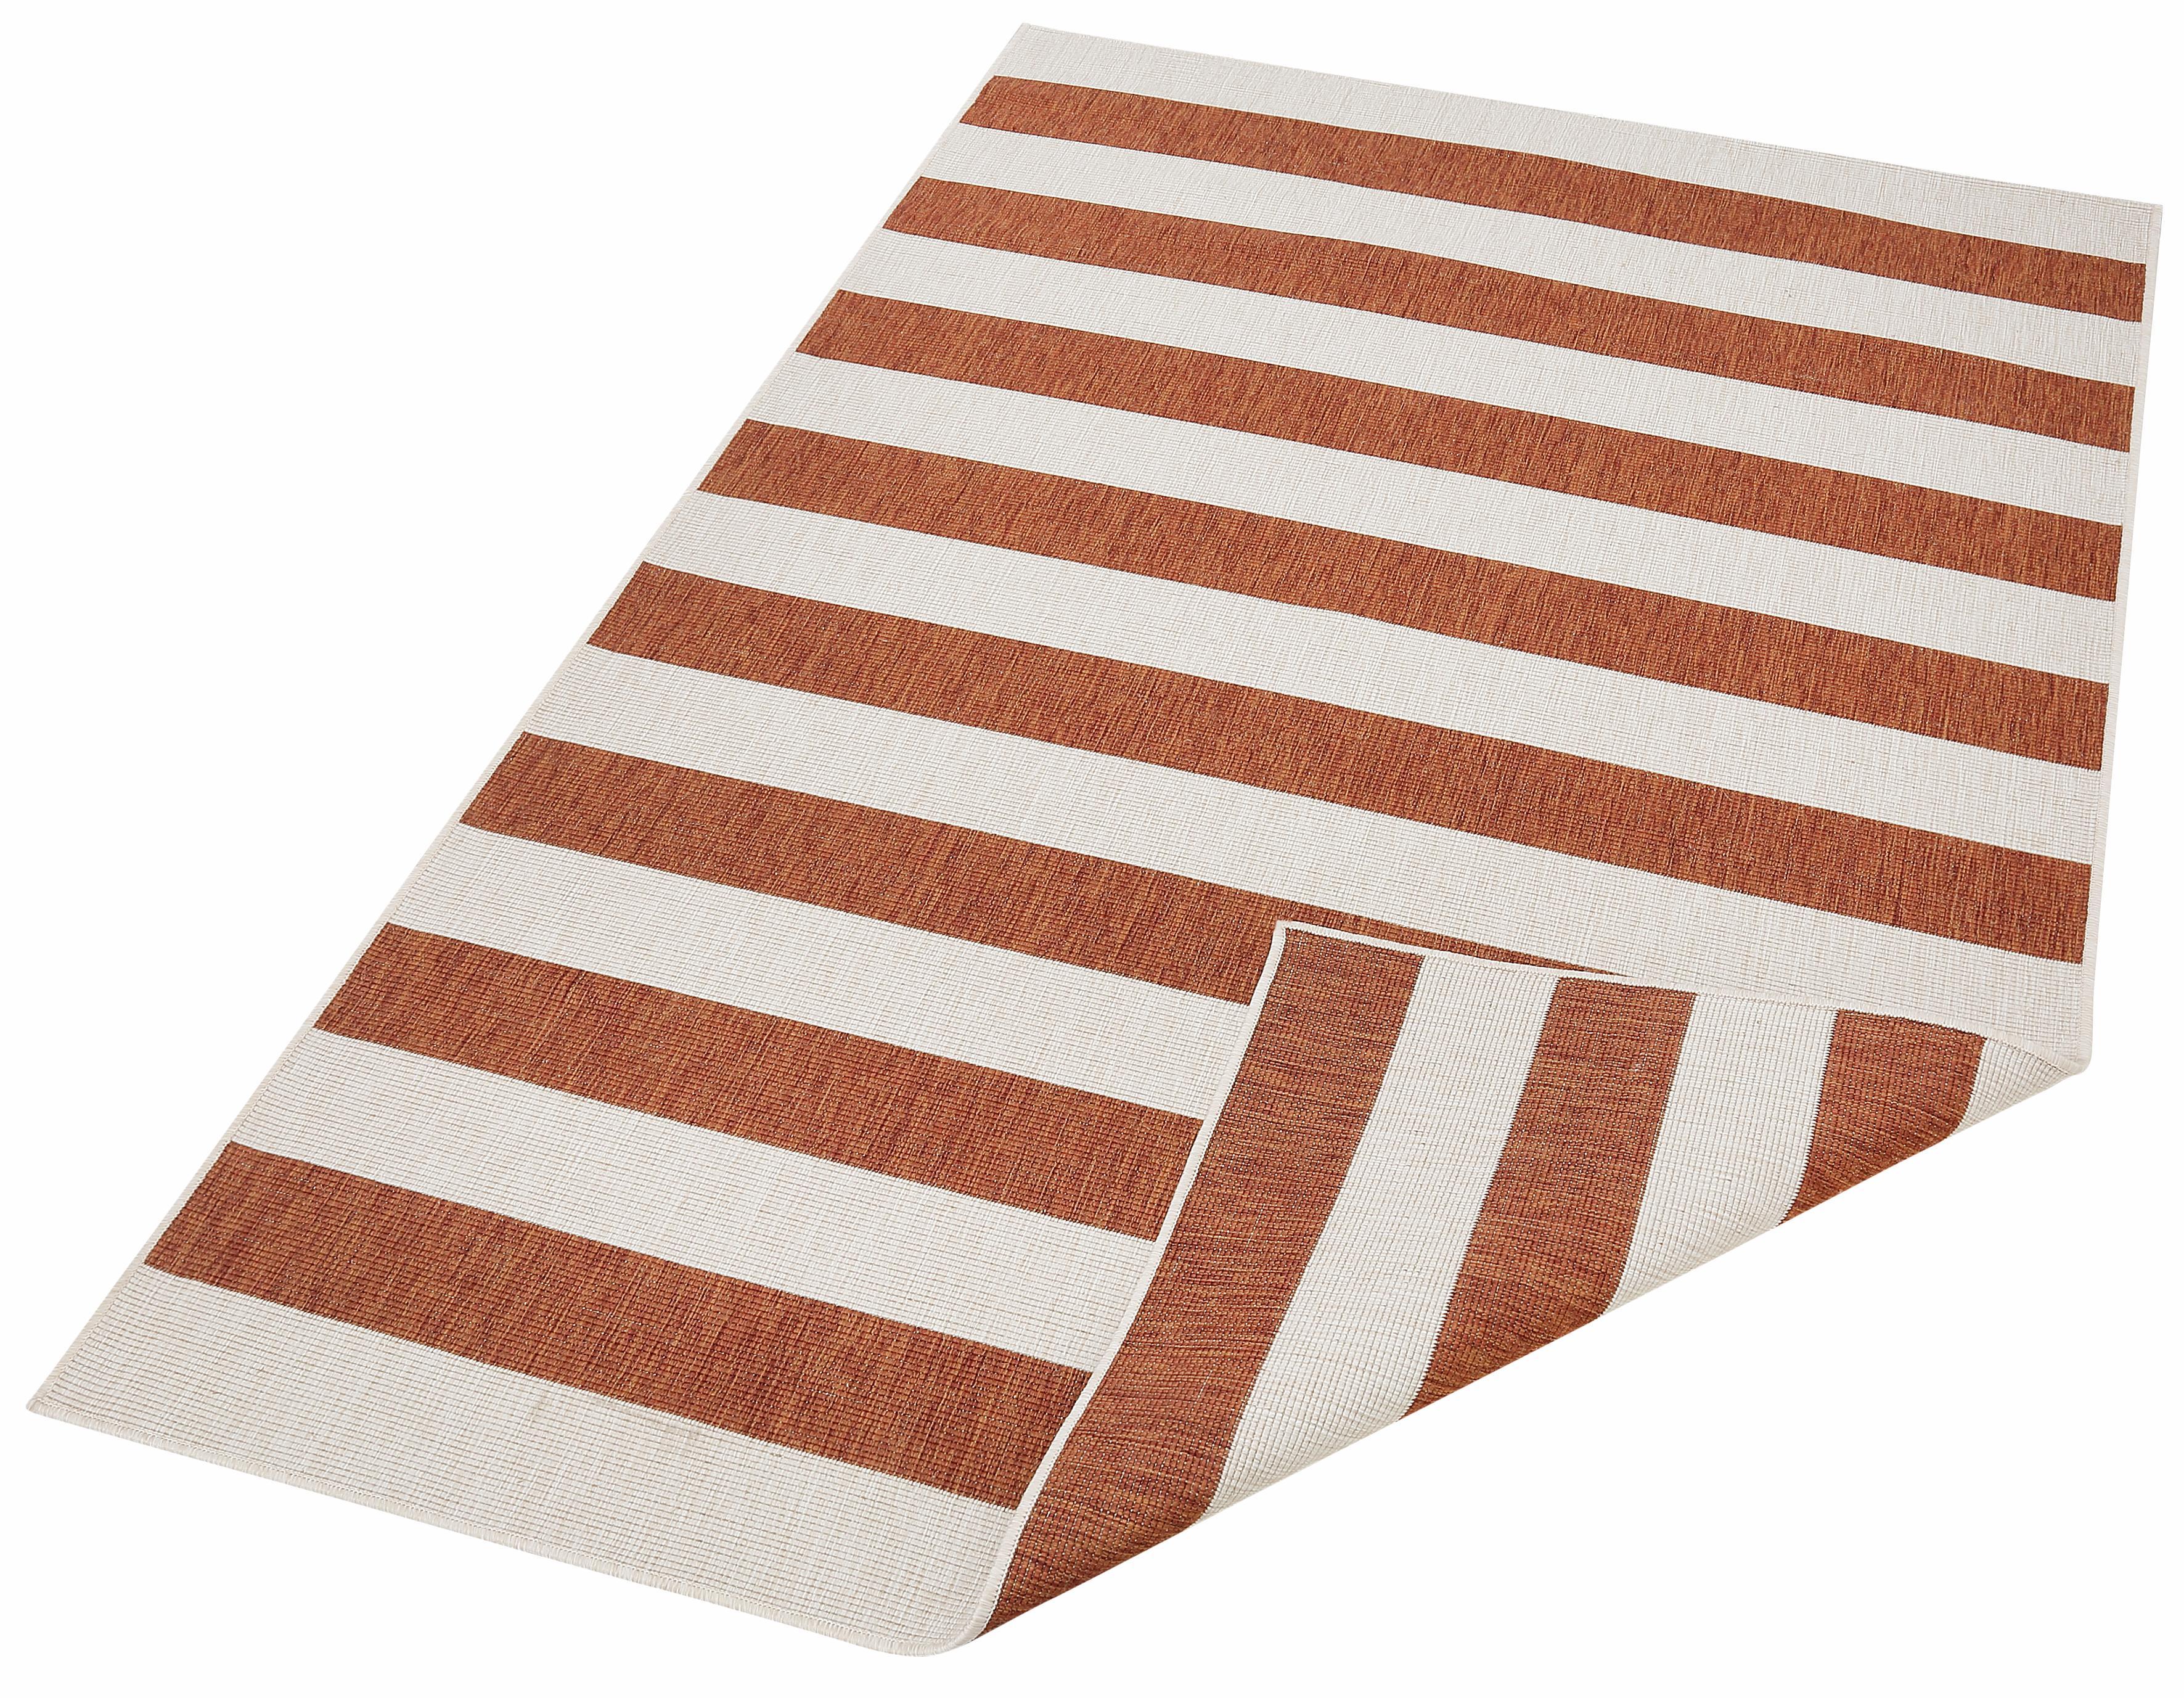 Teppich Alan andas rechteckig Höhe 5 mm maschinell gewebt